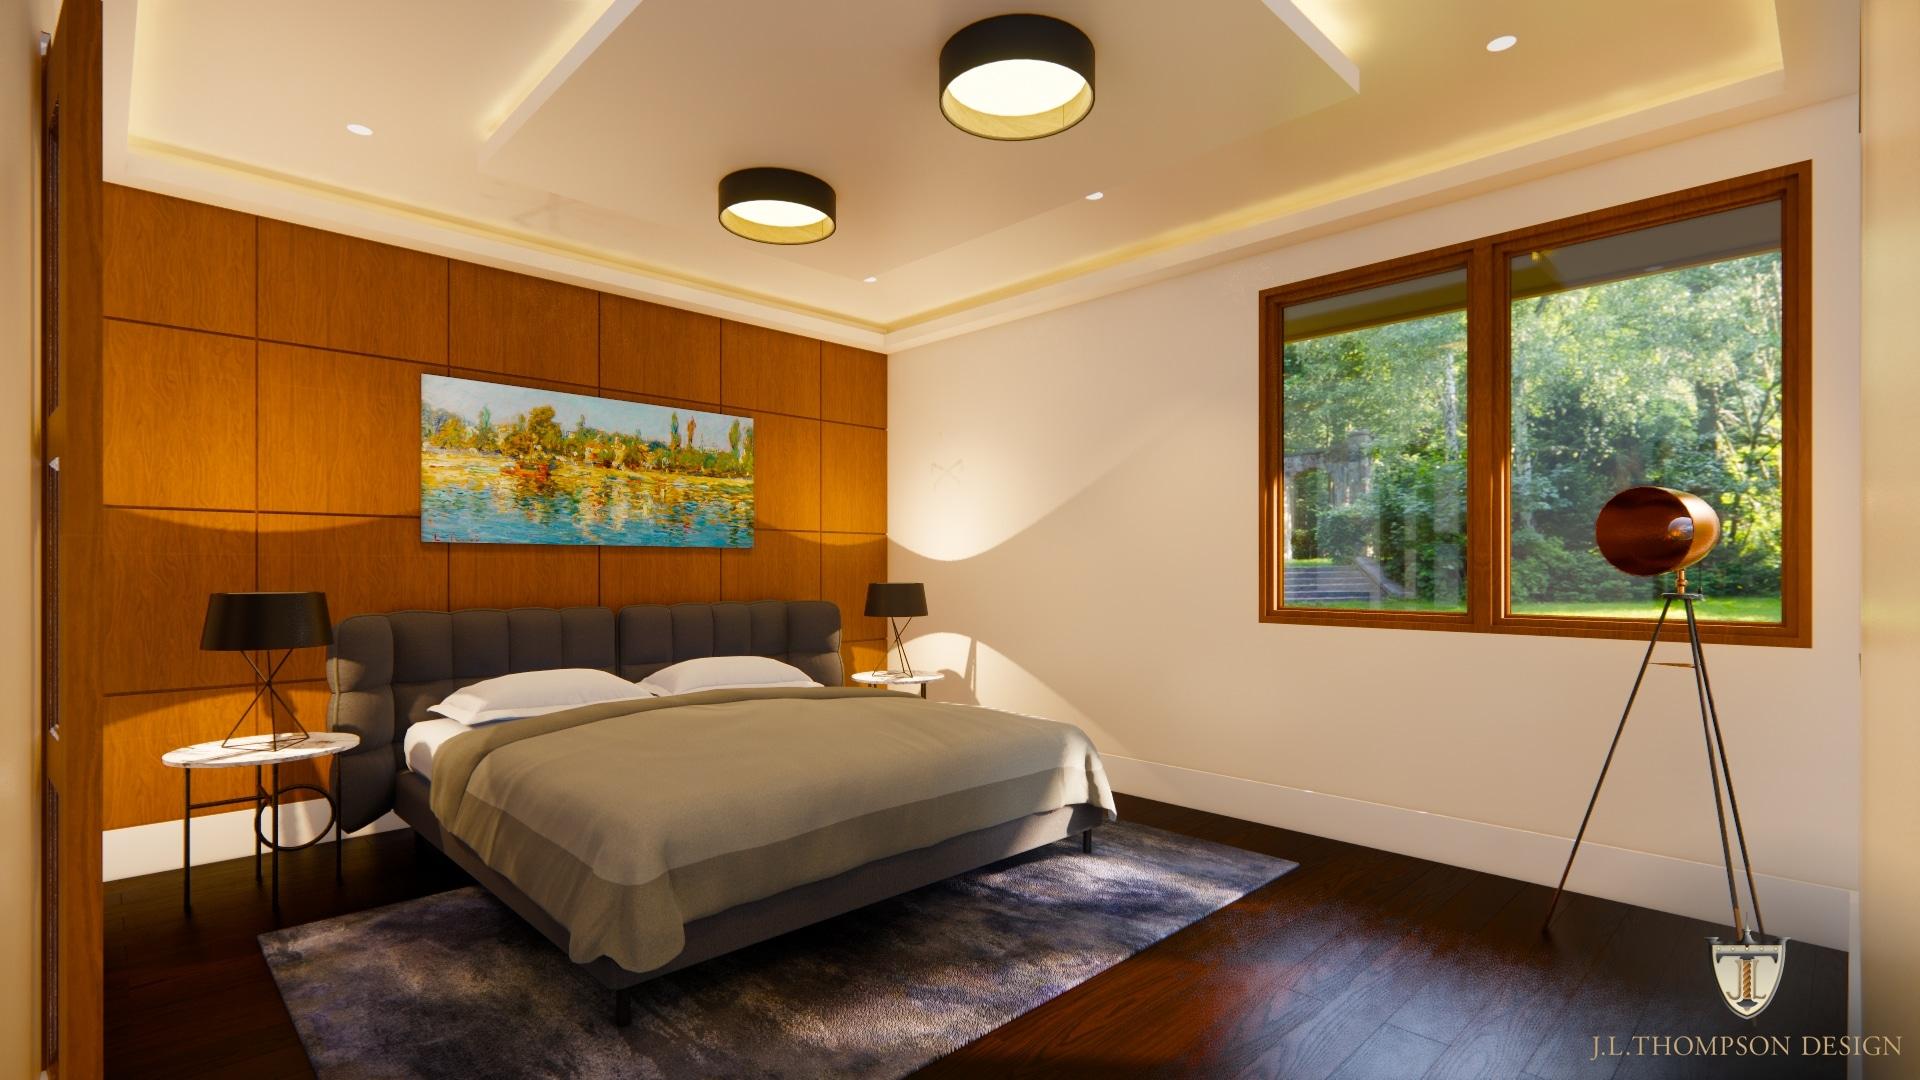 David-Bedroom-3D-view-1